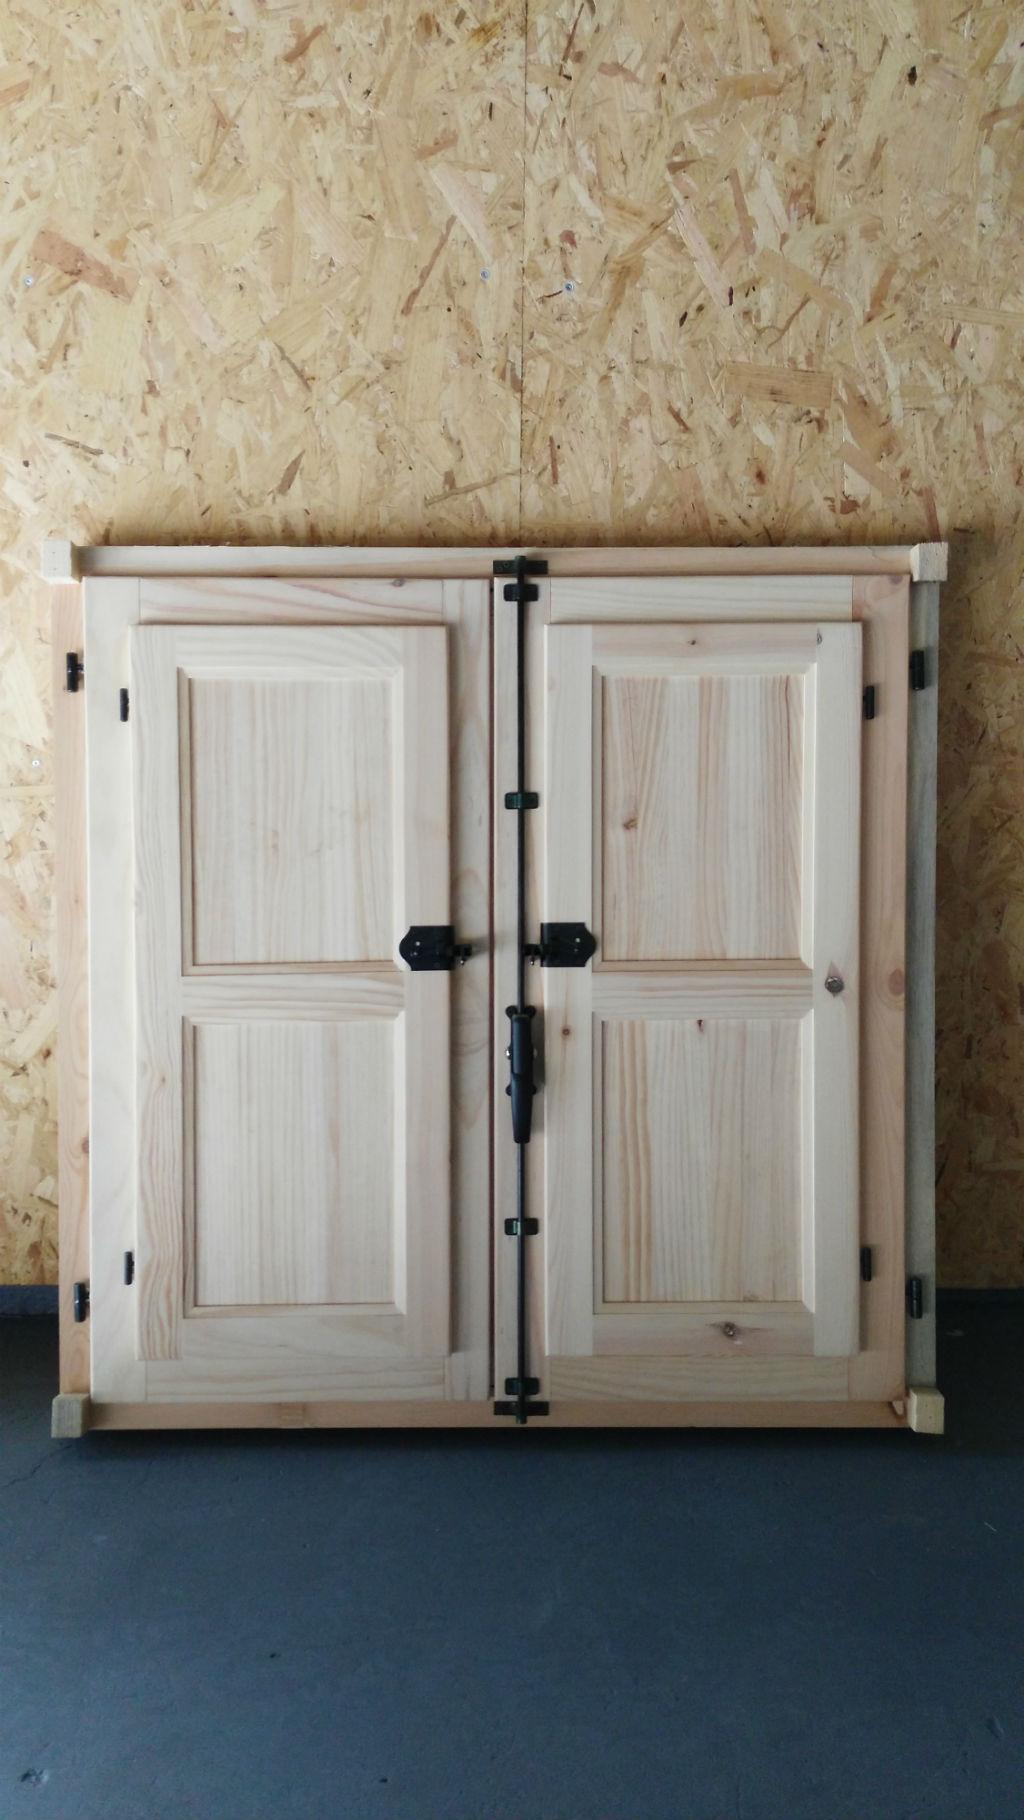 ventanas de madera a medida precios simple galera de